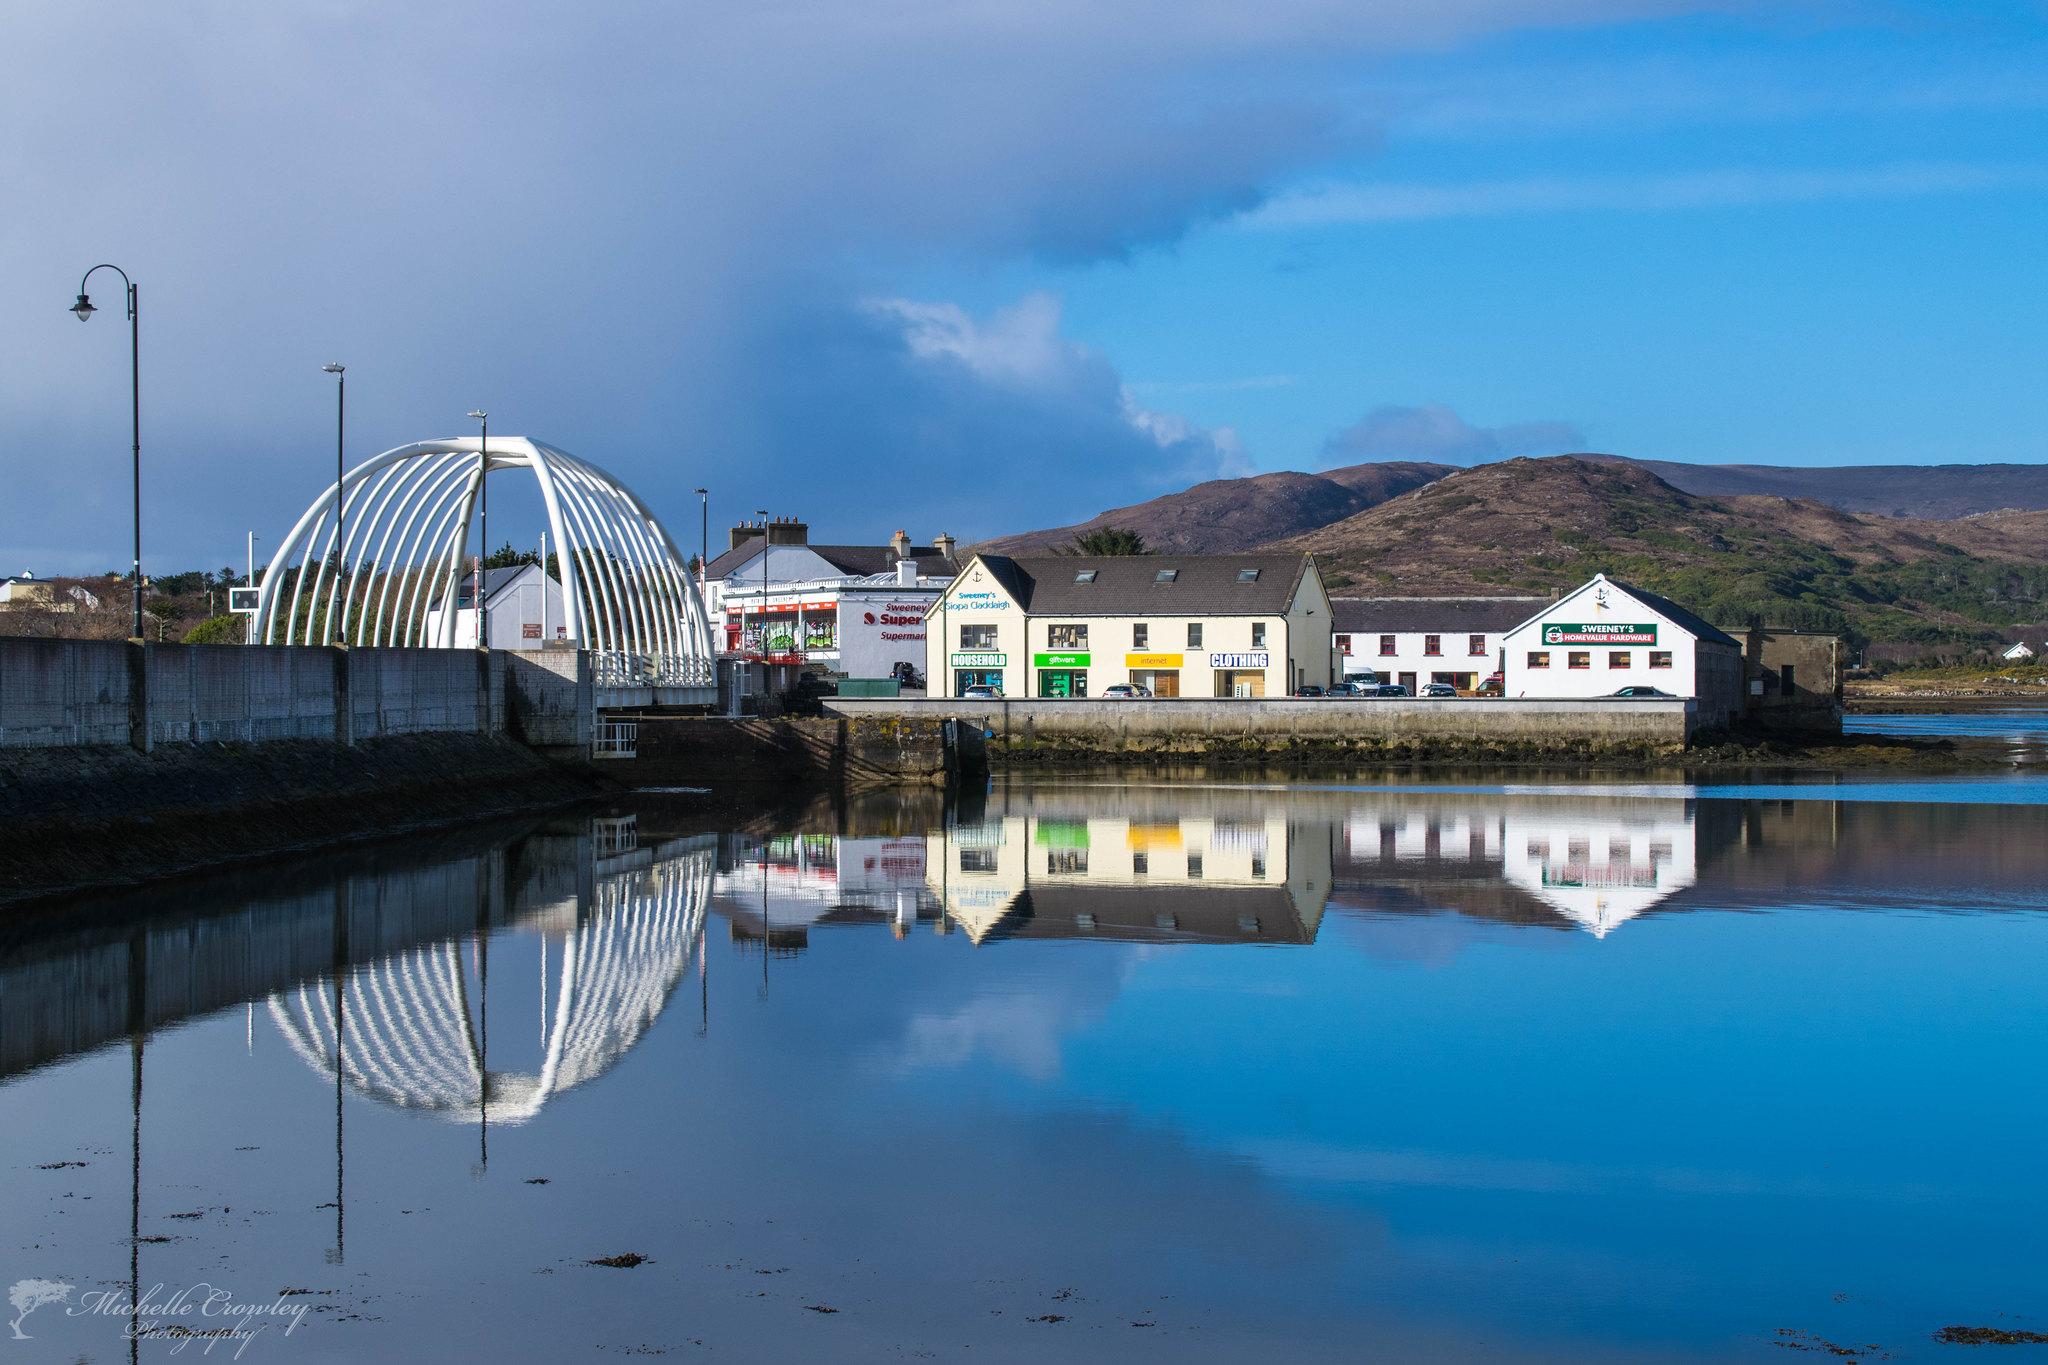 Achill Island bridge